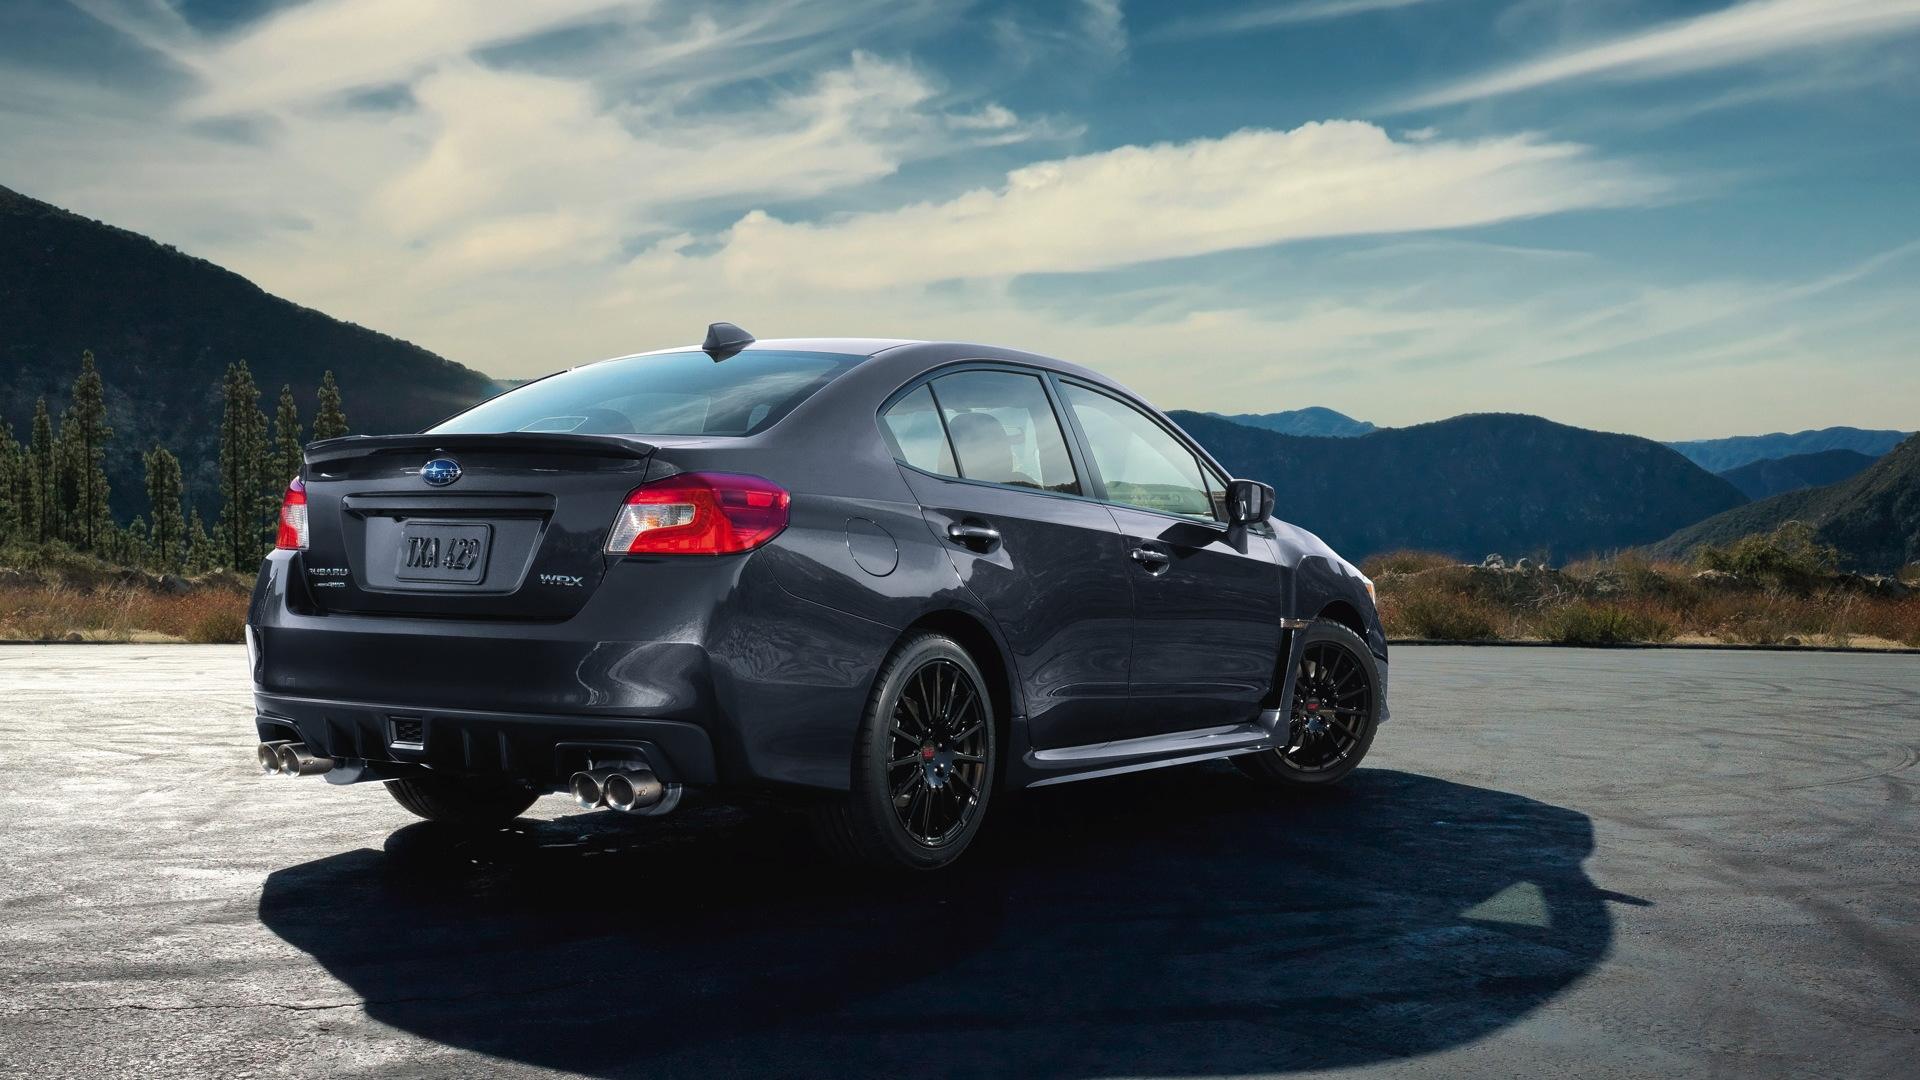 2020 Subaru Wrx Review.2020 Subaru Wrx And Wrx Sti Preview